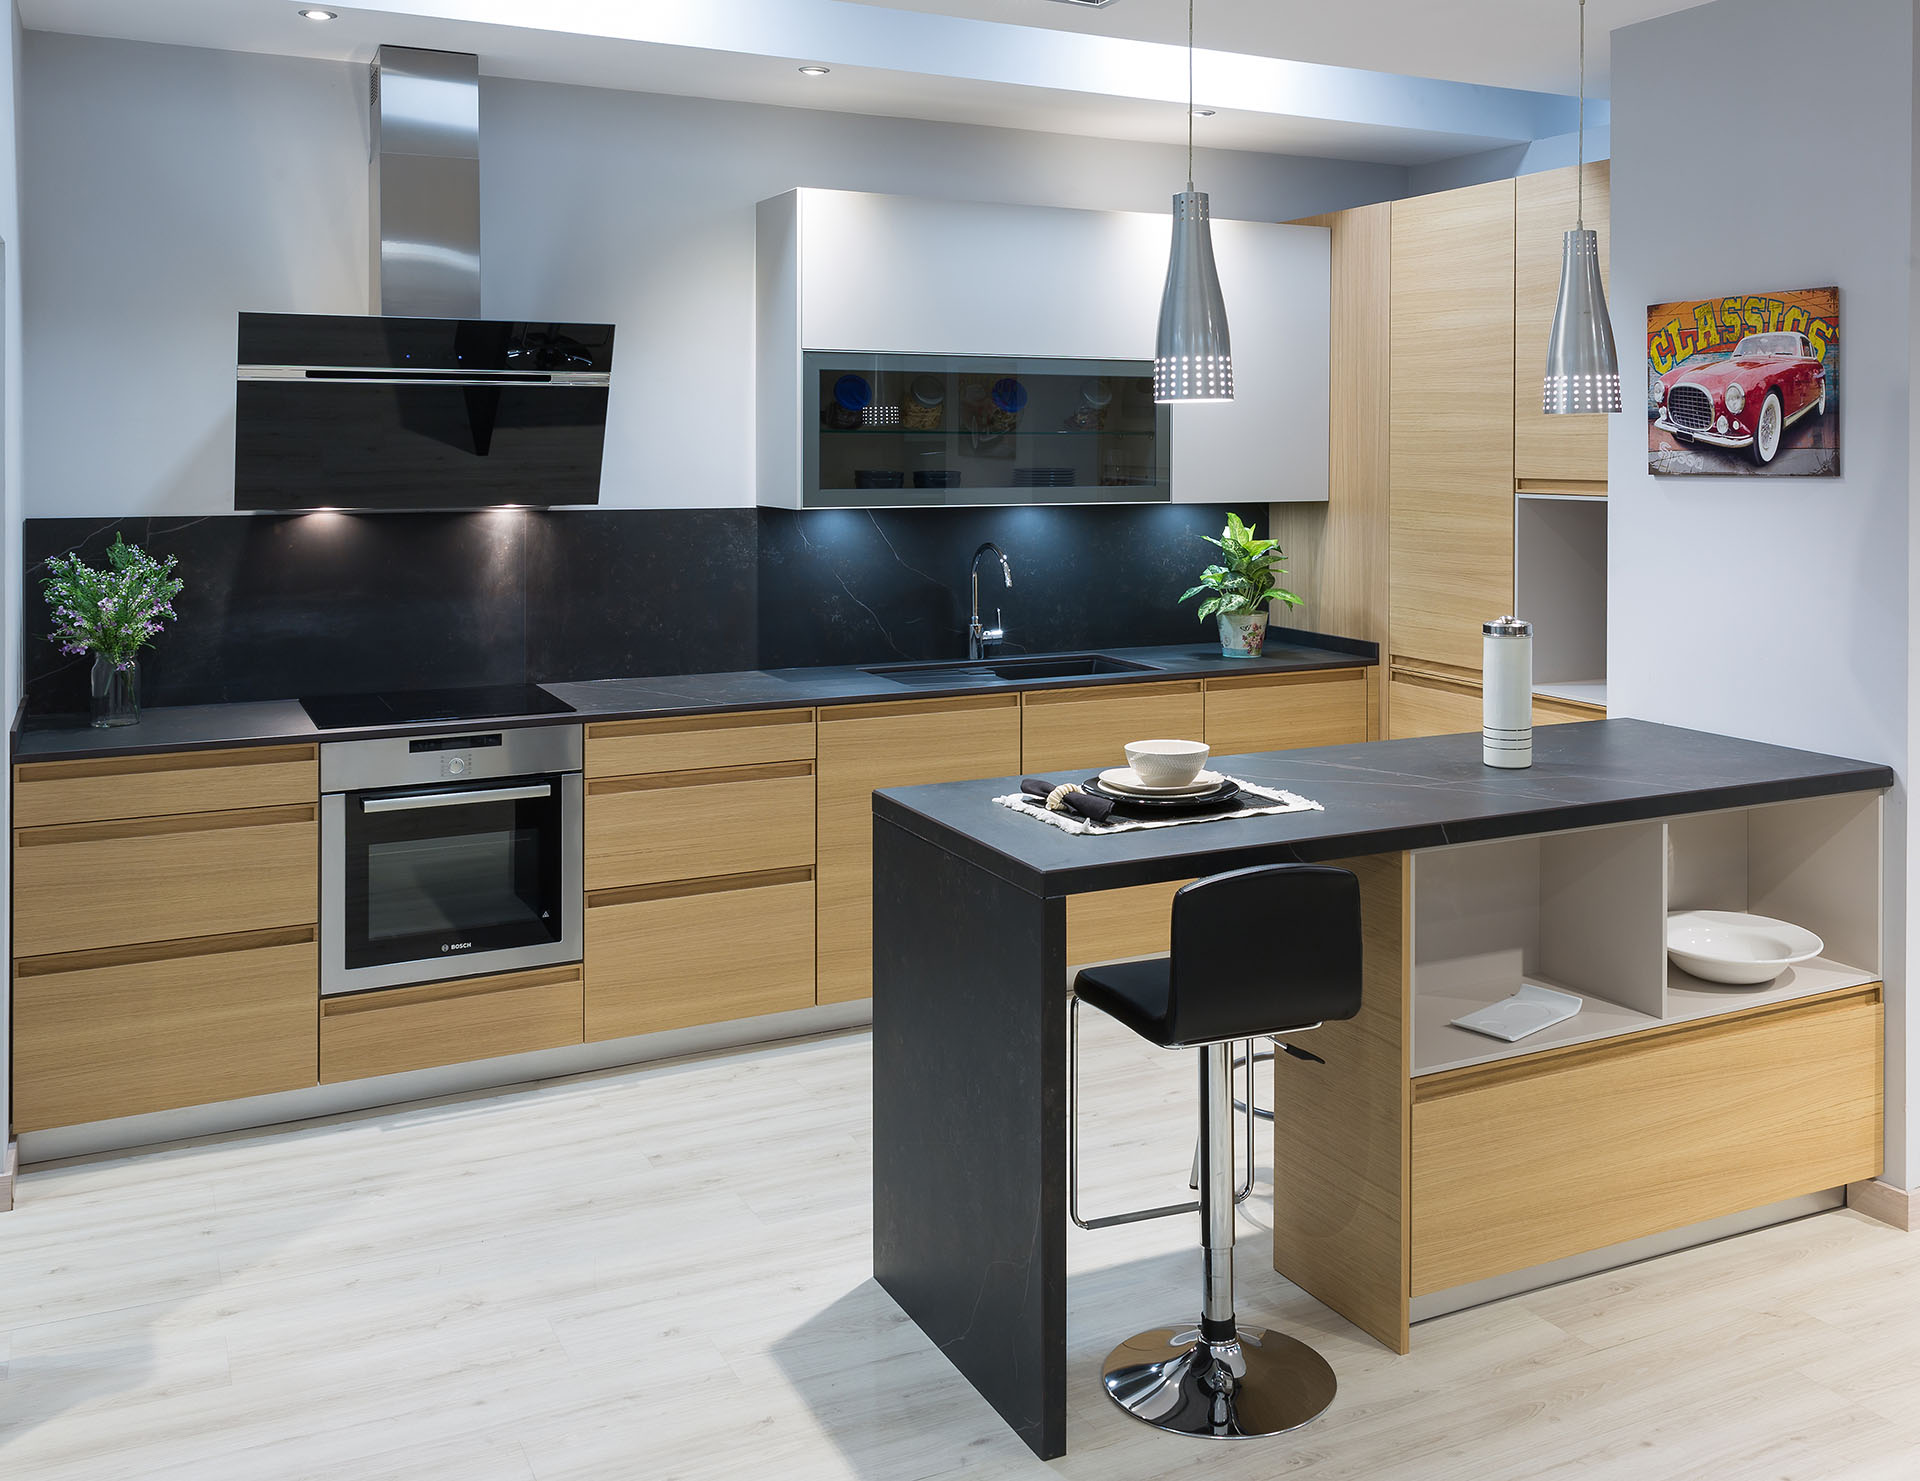 La madera el referente de una cocina con estilo cocinas rio Fotos de cocina